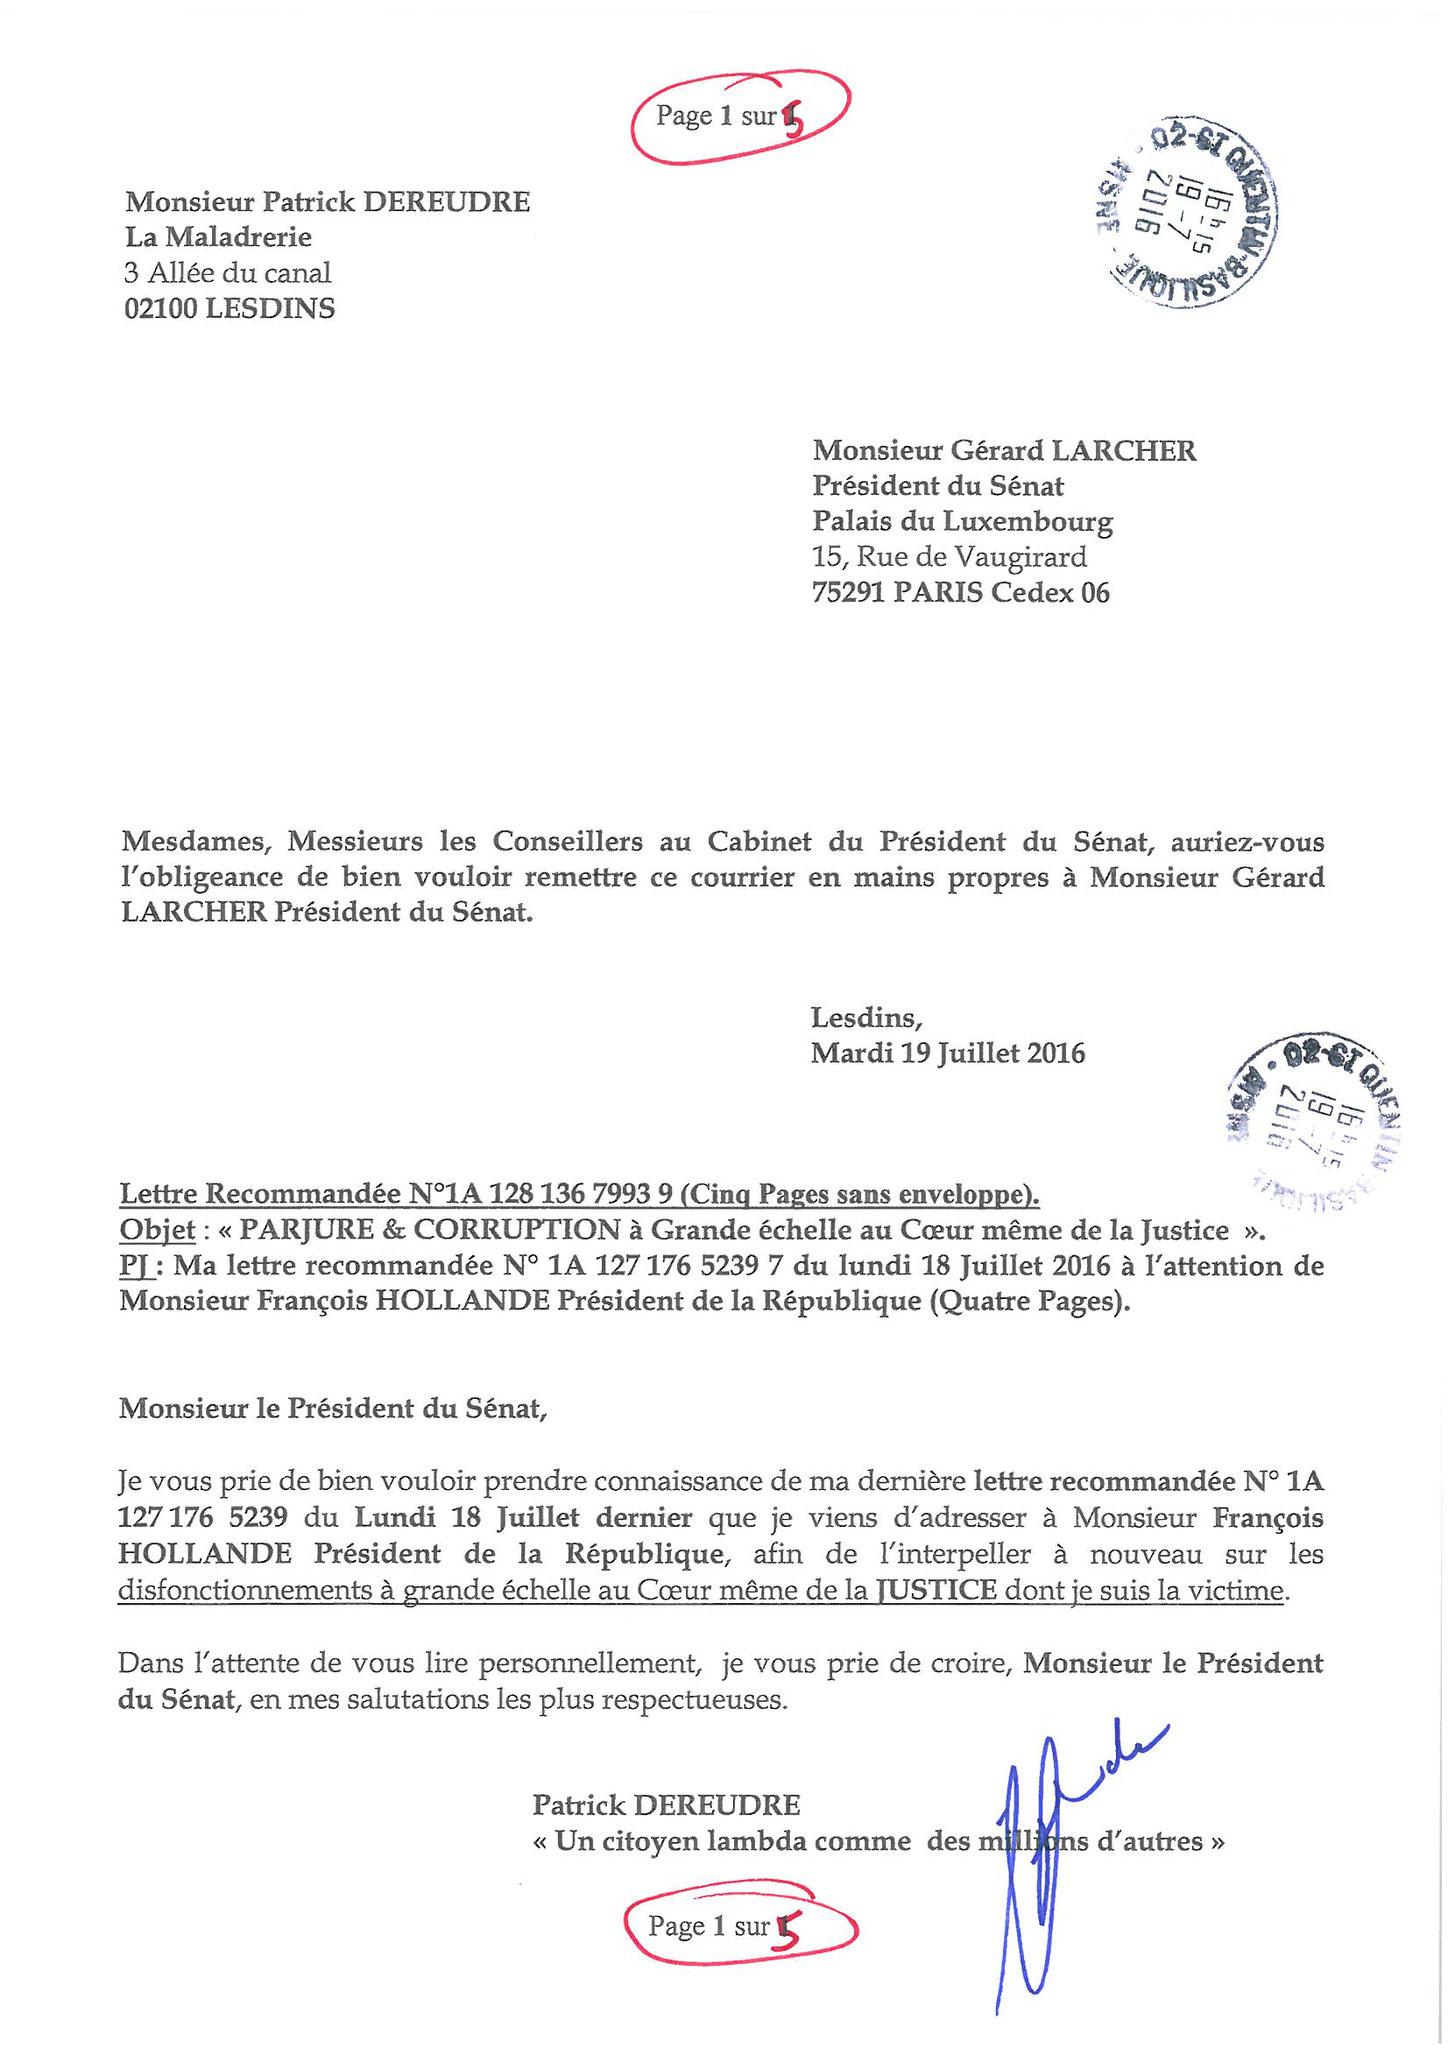 LRAR du 19 Juillet 2016 à Monsieur Gérard LARCHER le Président du Sénat page 1 sur 5